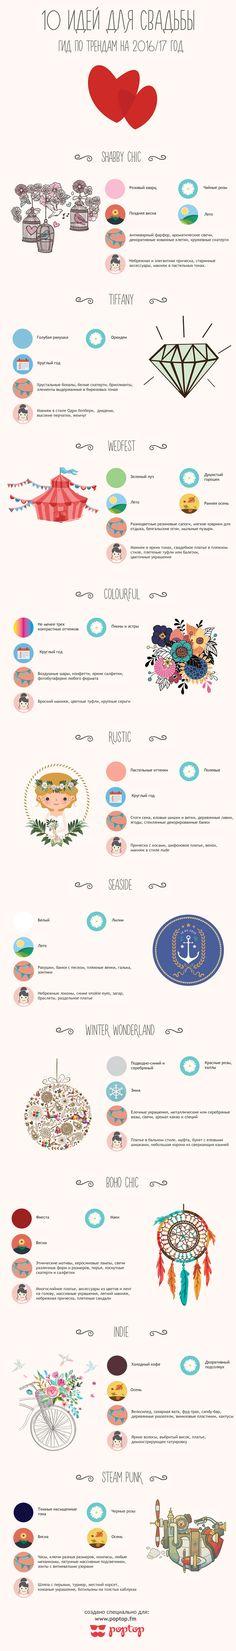 Идеи для тематической свадьбы - Инфографика, подробный гид по 10 оригинальным идеям на 2016-2017 год